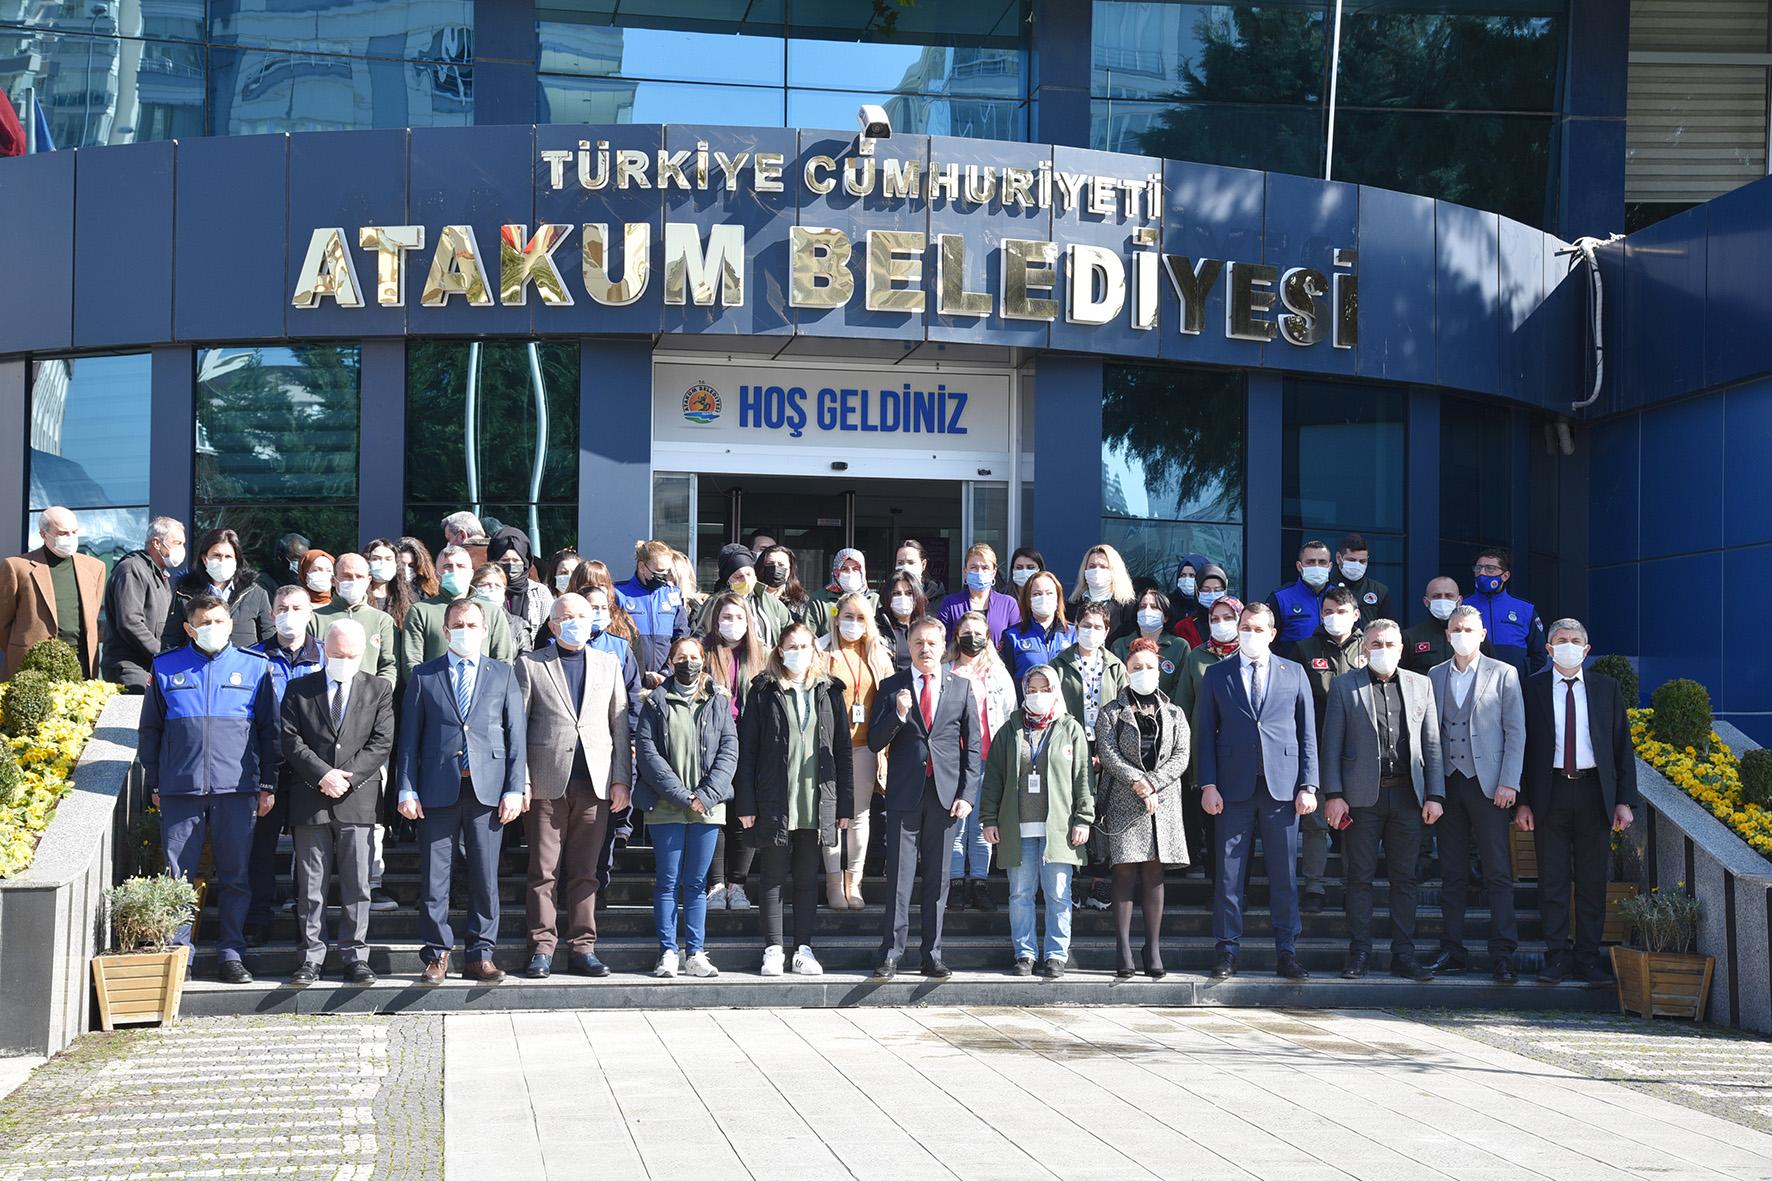 Atakum'da Gençler İstiklal Marşı İçin Tek Ses Oldu